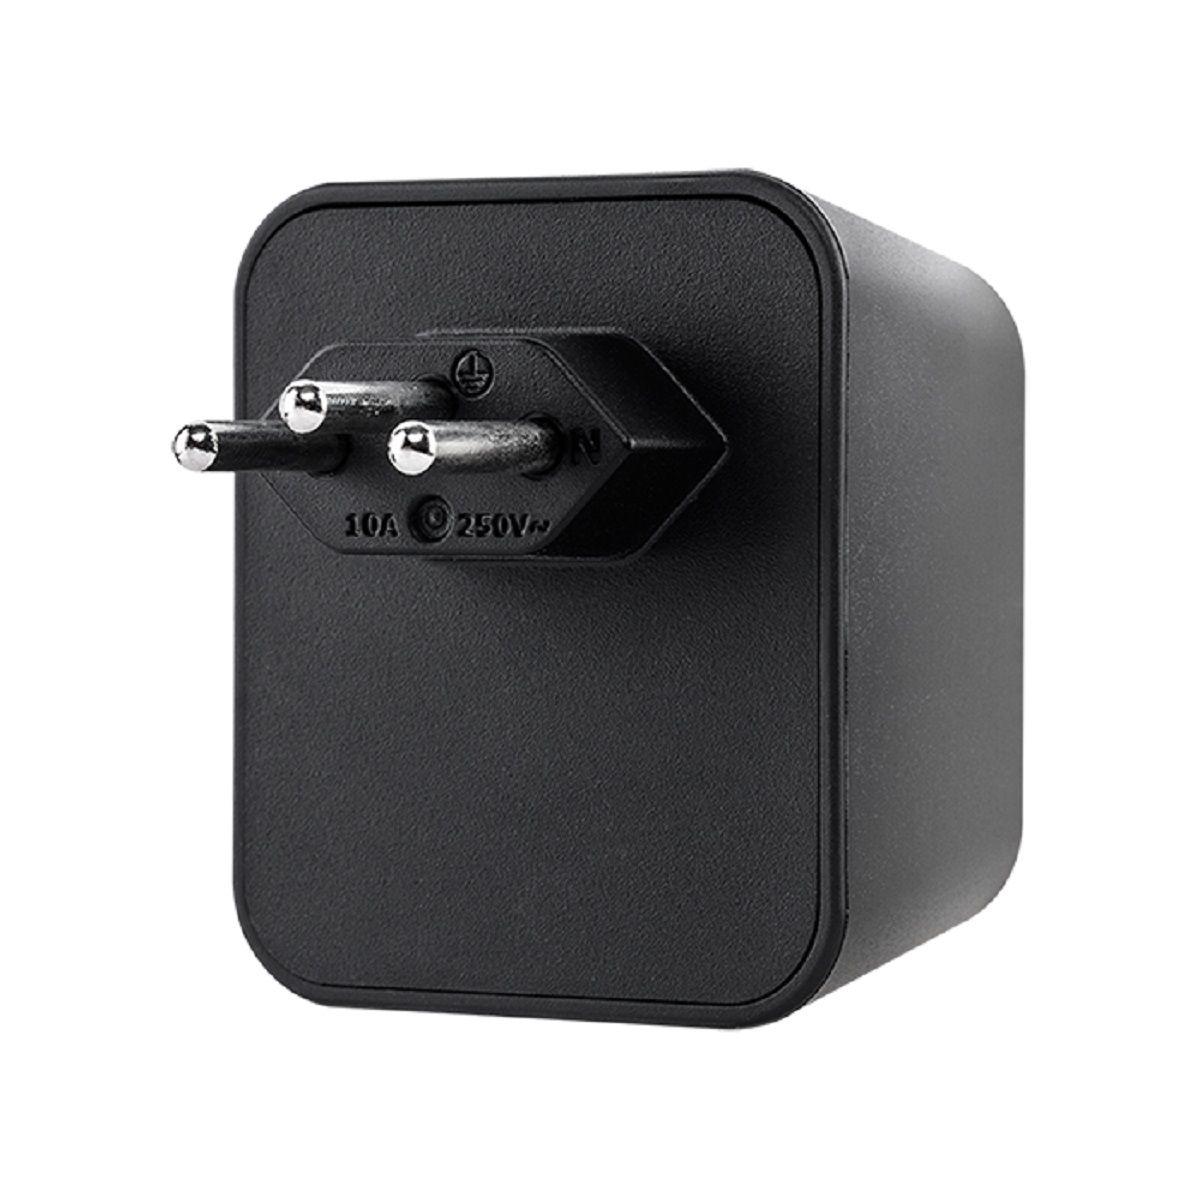 Dispositivo de Proteção Elétrica Contra Surtos DPS Intelbras Bivolt - EPS 301  - ShopNoroeste.com.br